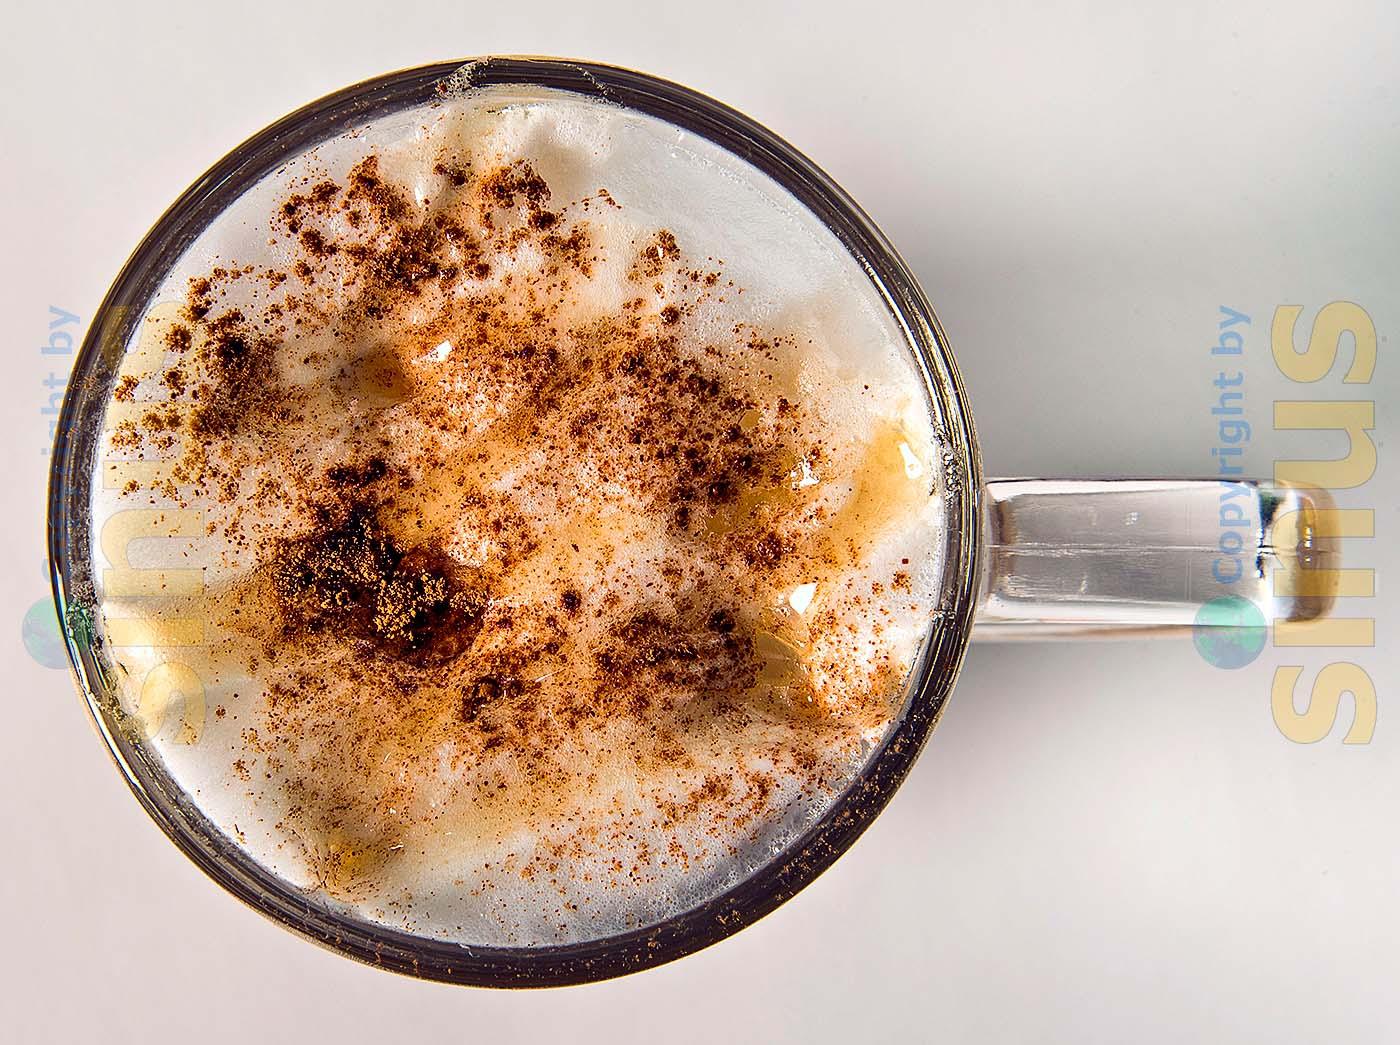 Cappuccino von oben gesehen